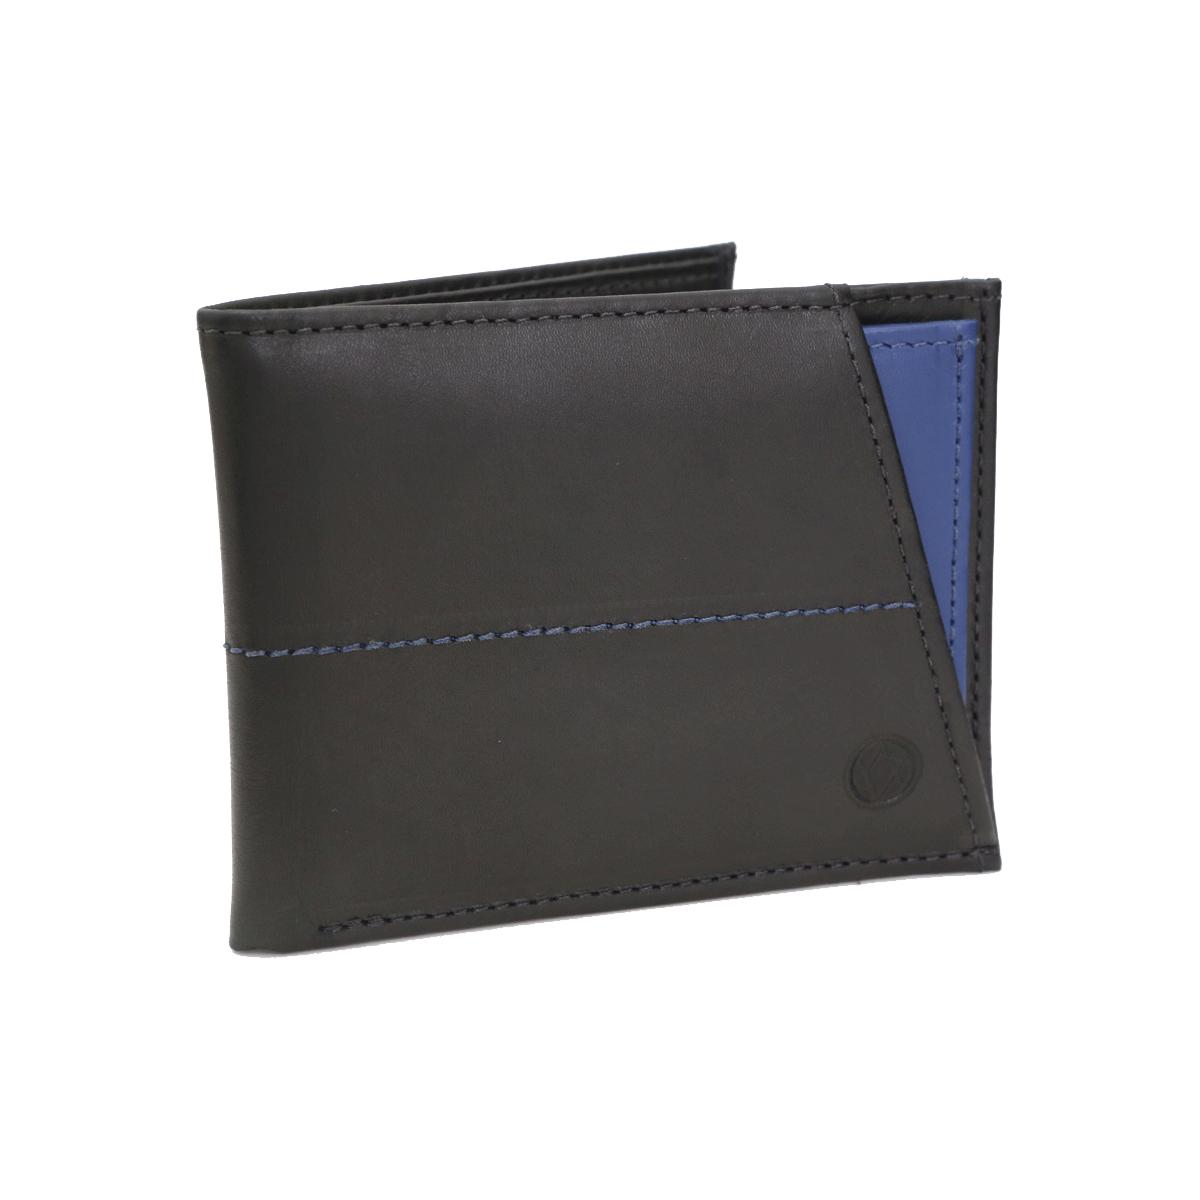 Carteira em Couro Preto com Porta Cartões Azul 410p